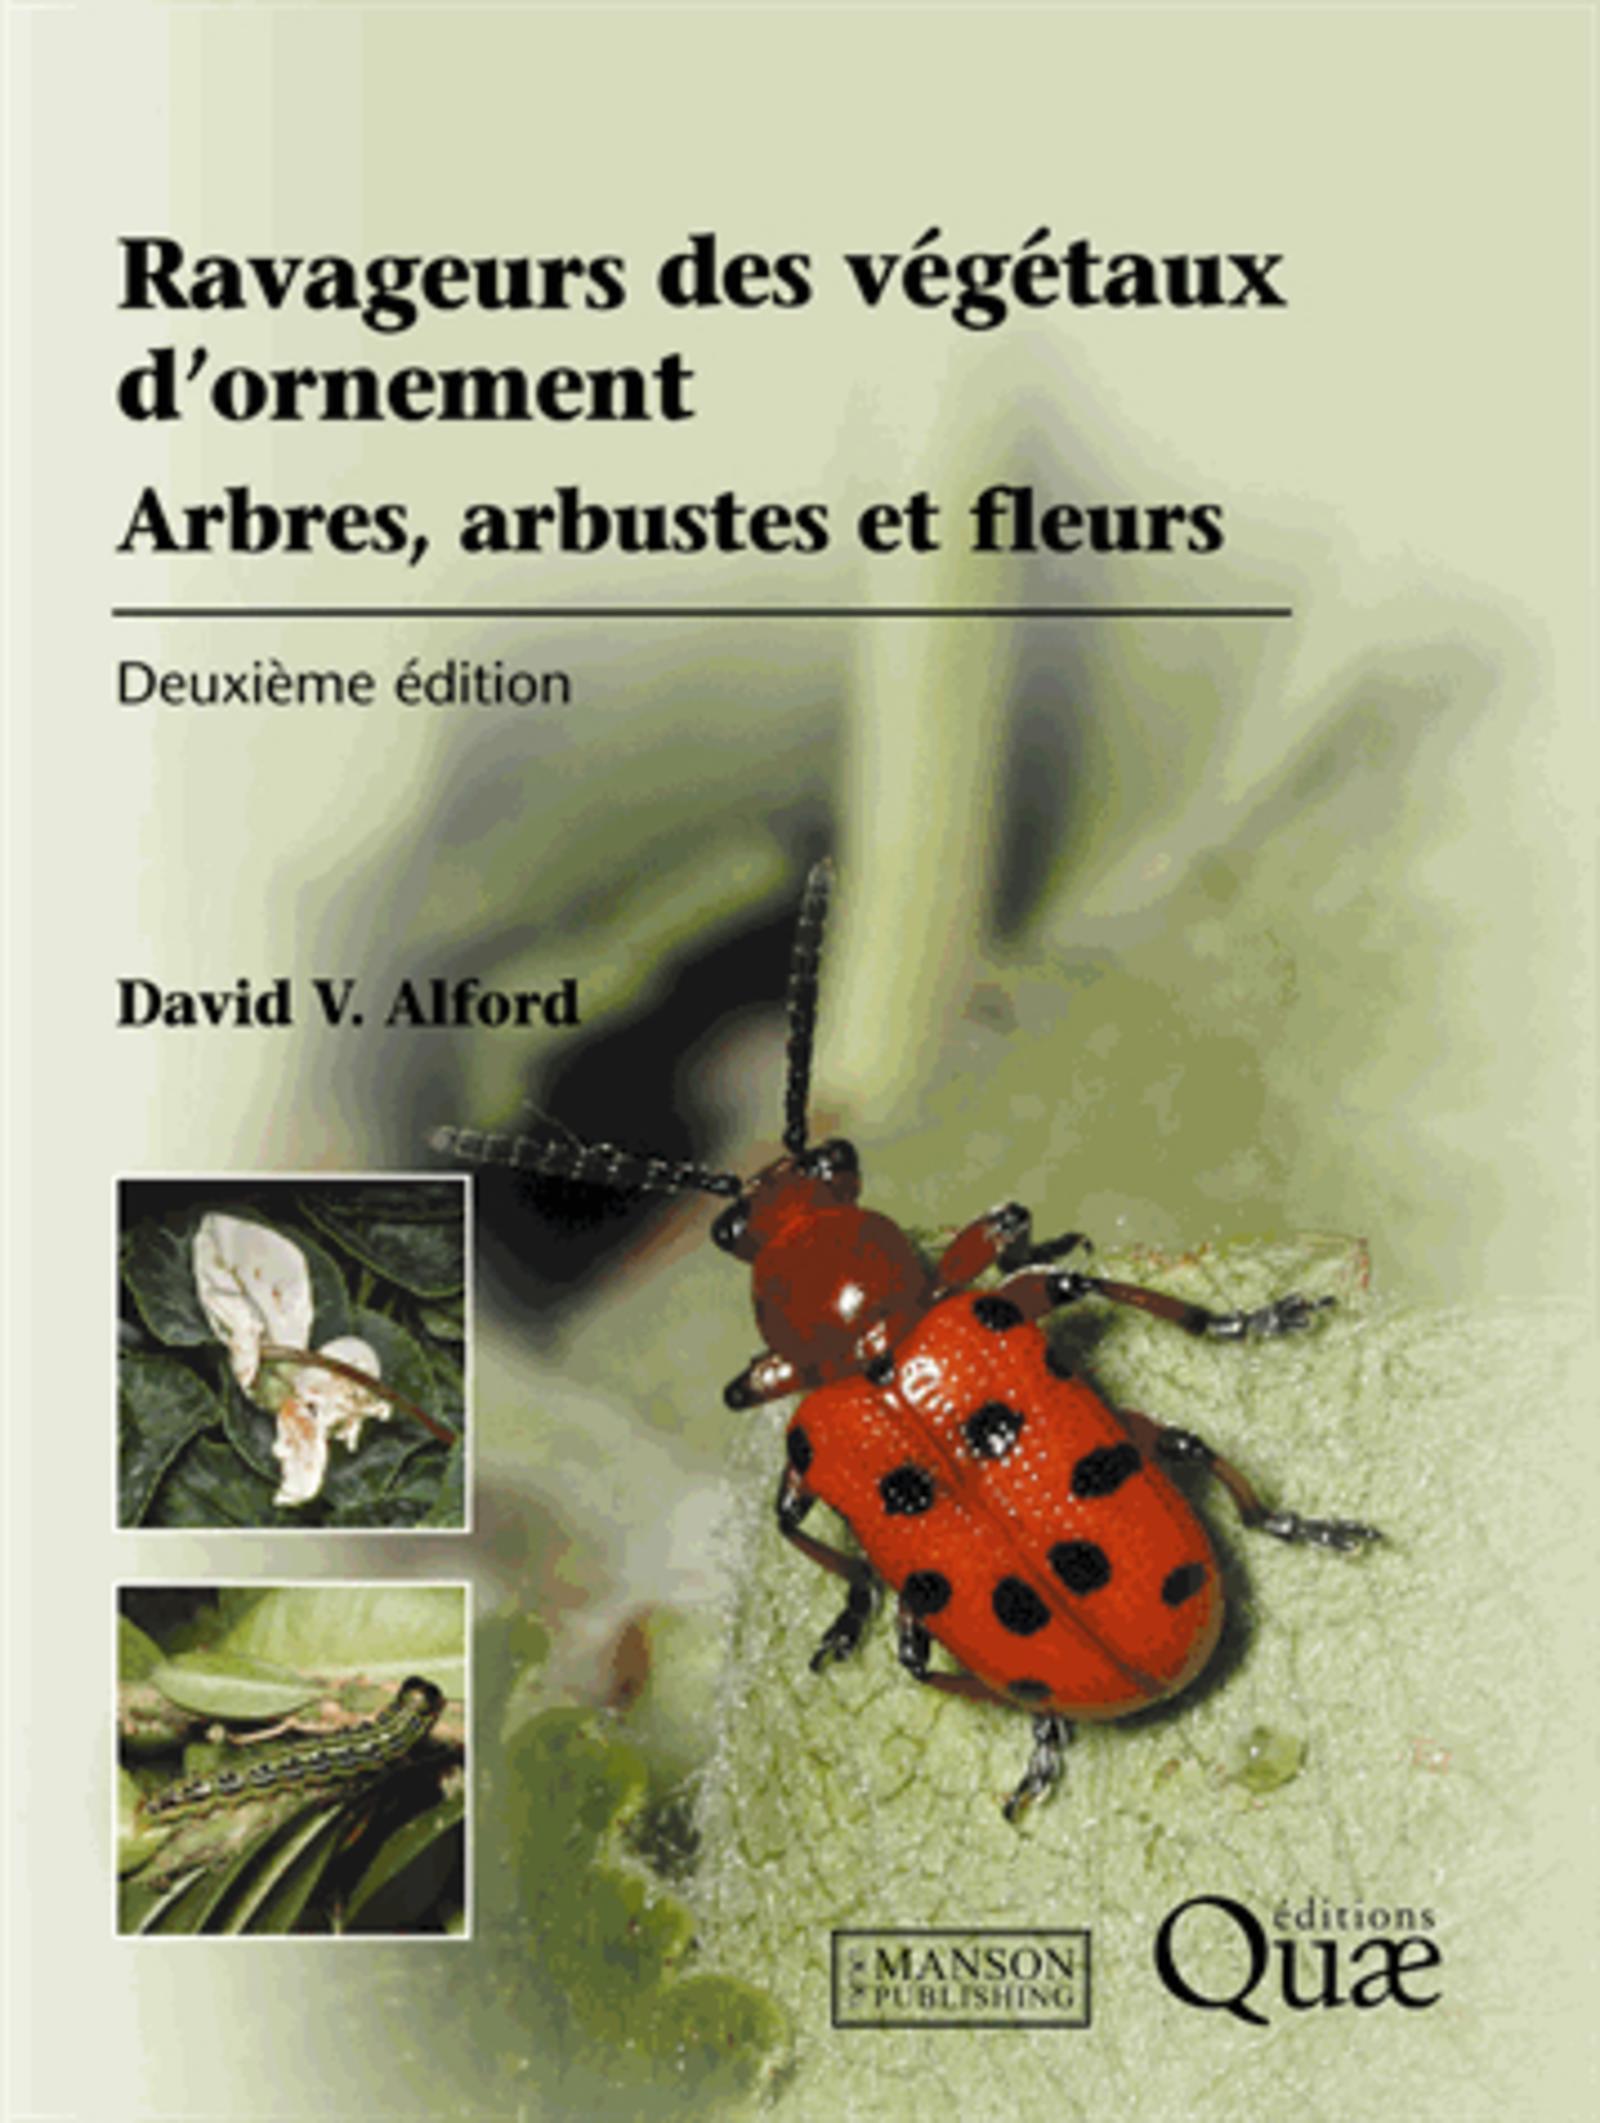 RAVAGEURS DES VEGETAUX D'ORNEMENT - ARBRES, ARBUSTES, FLEURS.